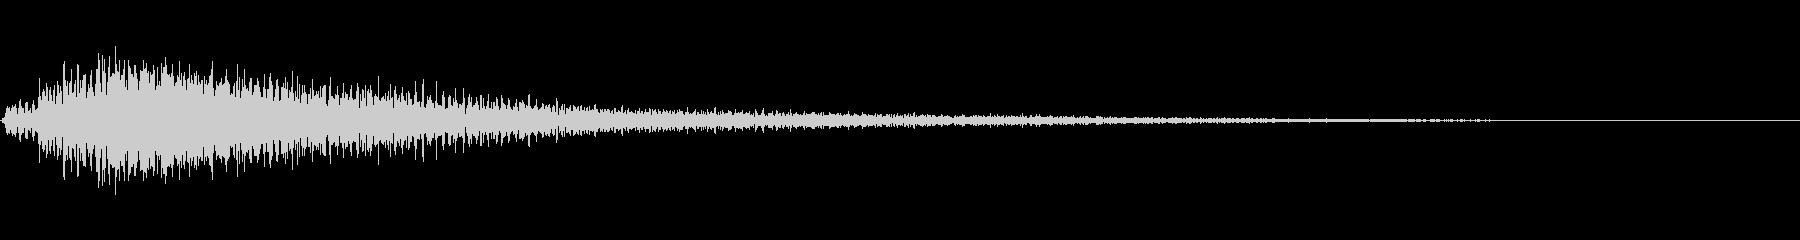 低音が効いているピアノジャラーン音の未再生の波形